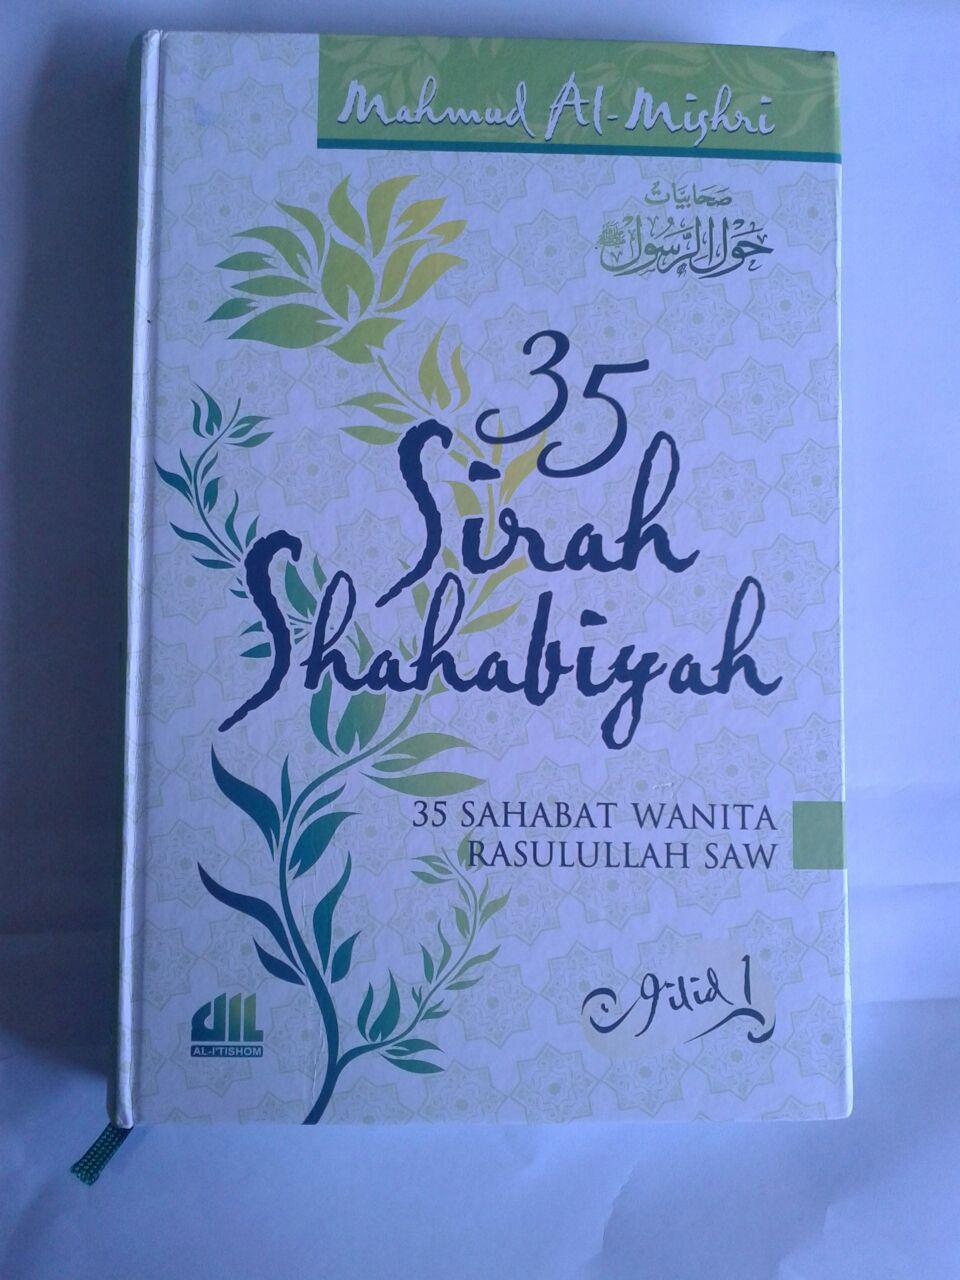 Buku 35 Sirah Shahabiyah 35 Sahabat Wanita Rasulullah 2 Jilid cover 3